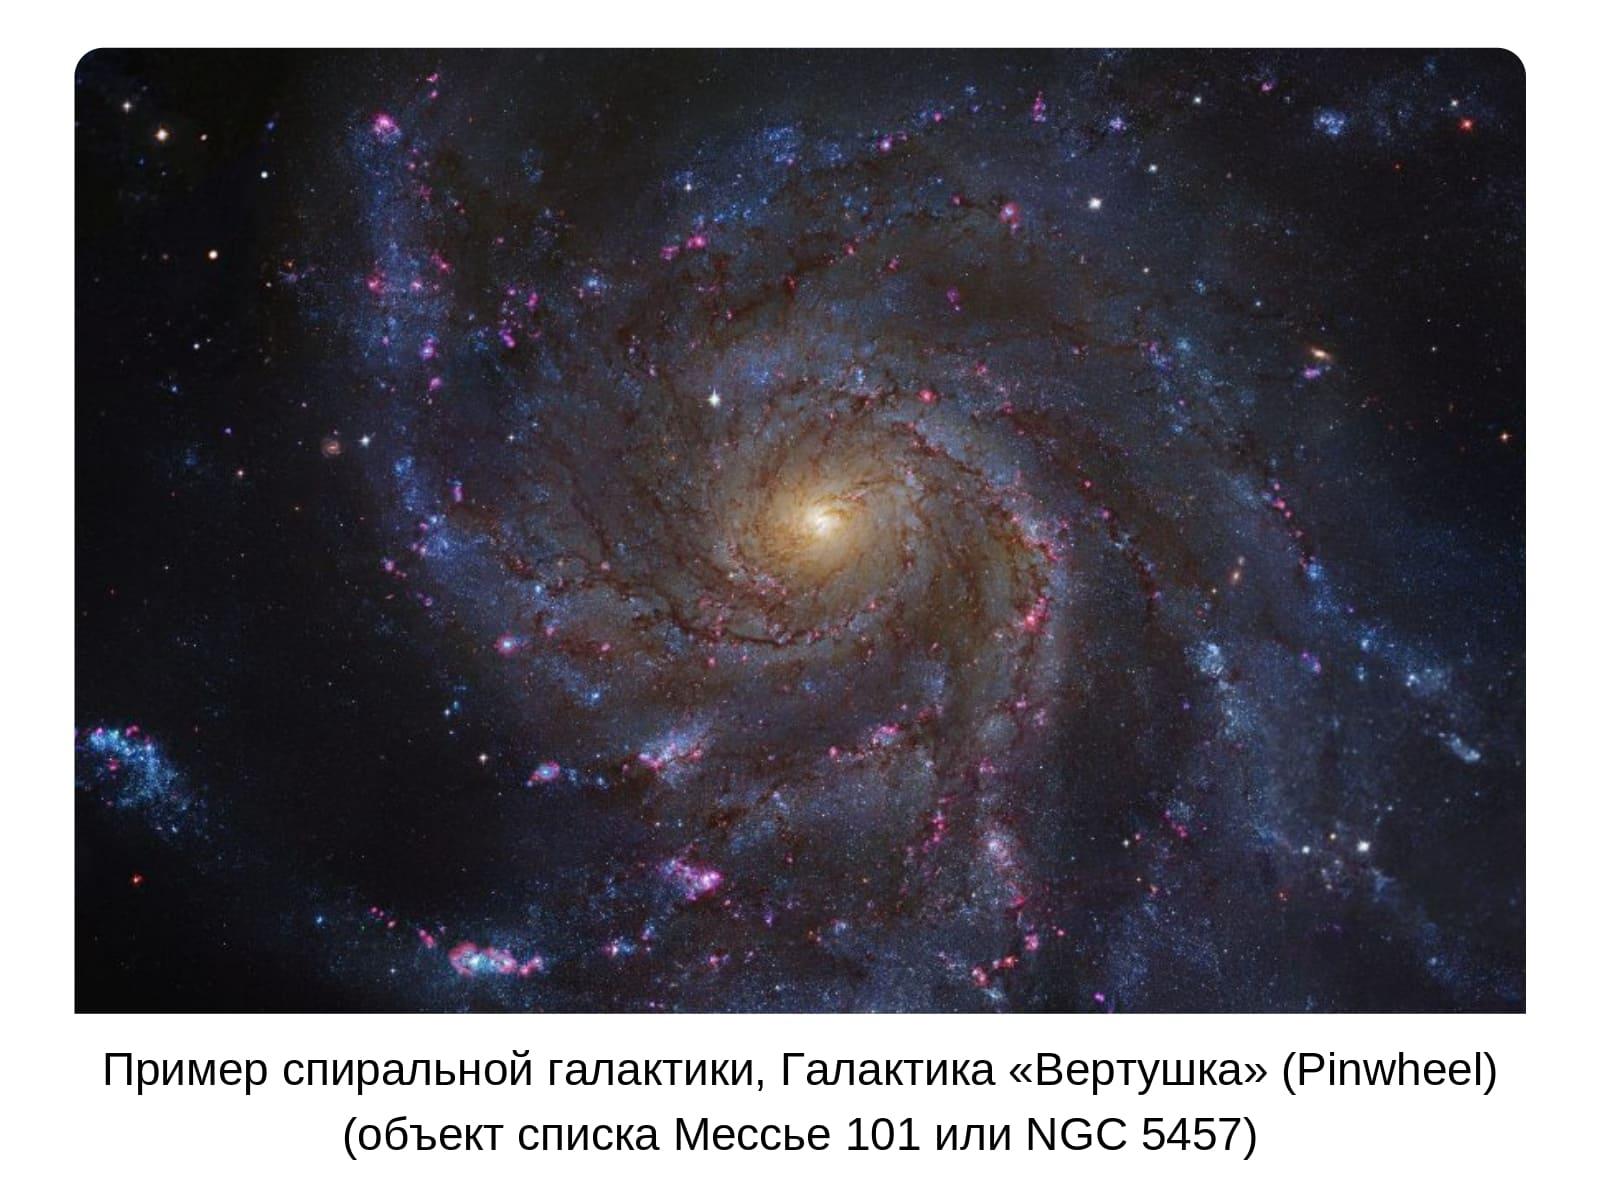 пример спиральной галактики, галактика Вертушка